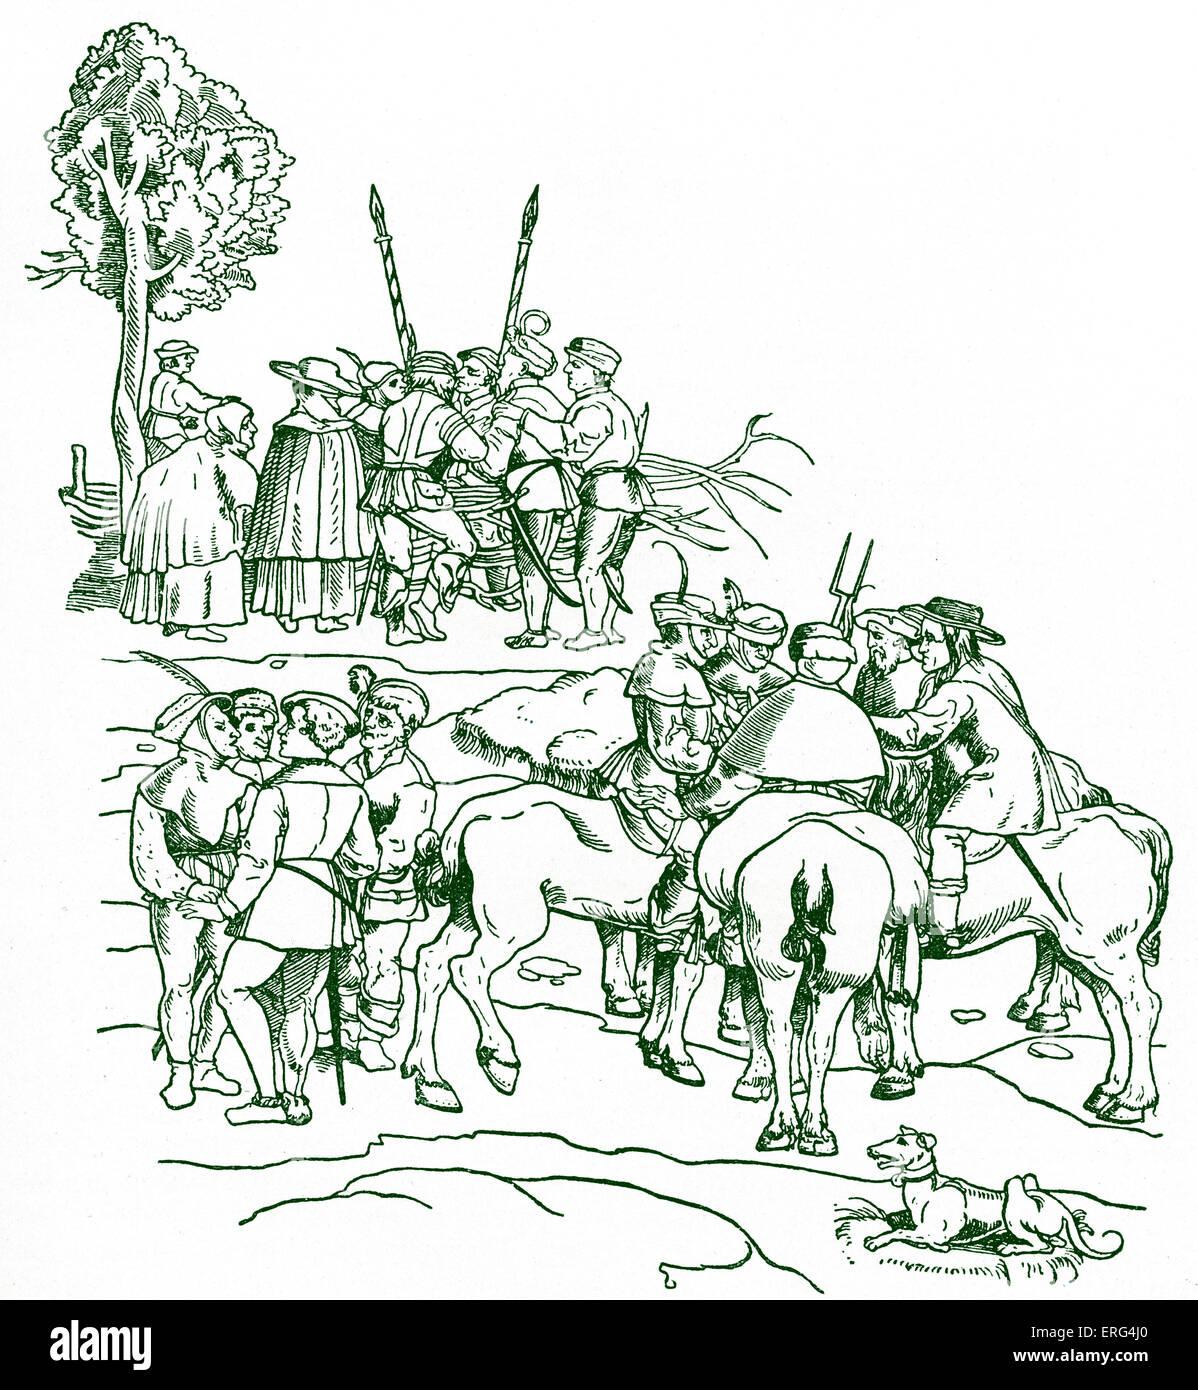 Bewaffnete Bauern Grundstück untereinander.   Deutschen Bauernkrieg. Deutsch aus dem 16. Jahrhundert Holzschnitt Stockbild